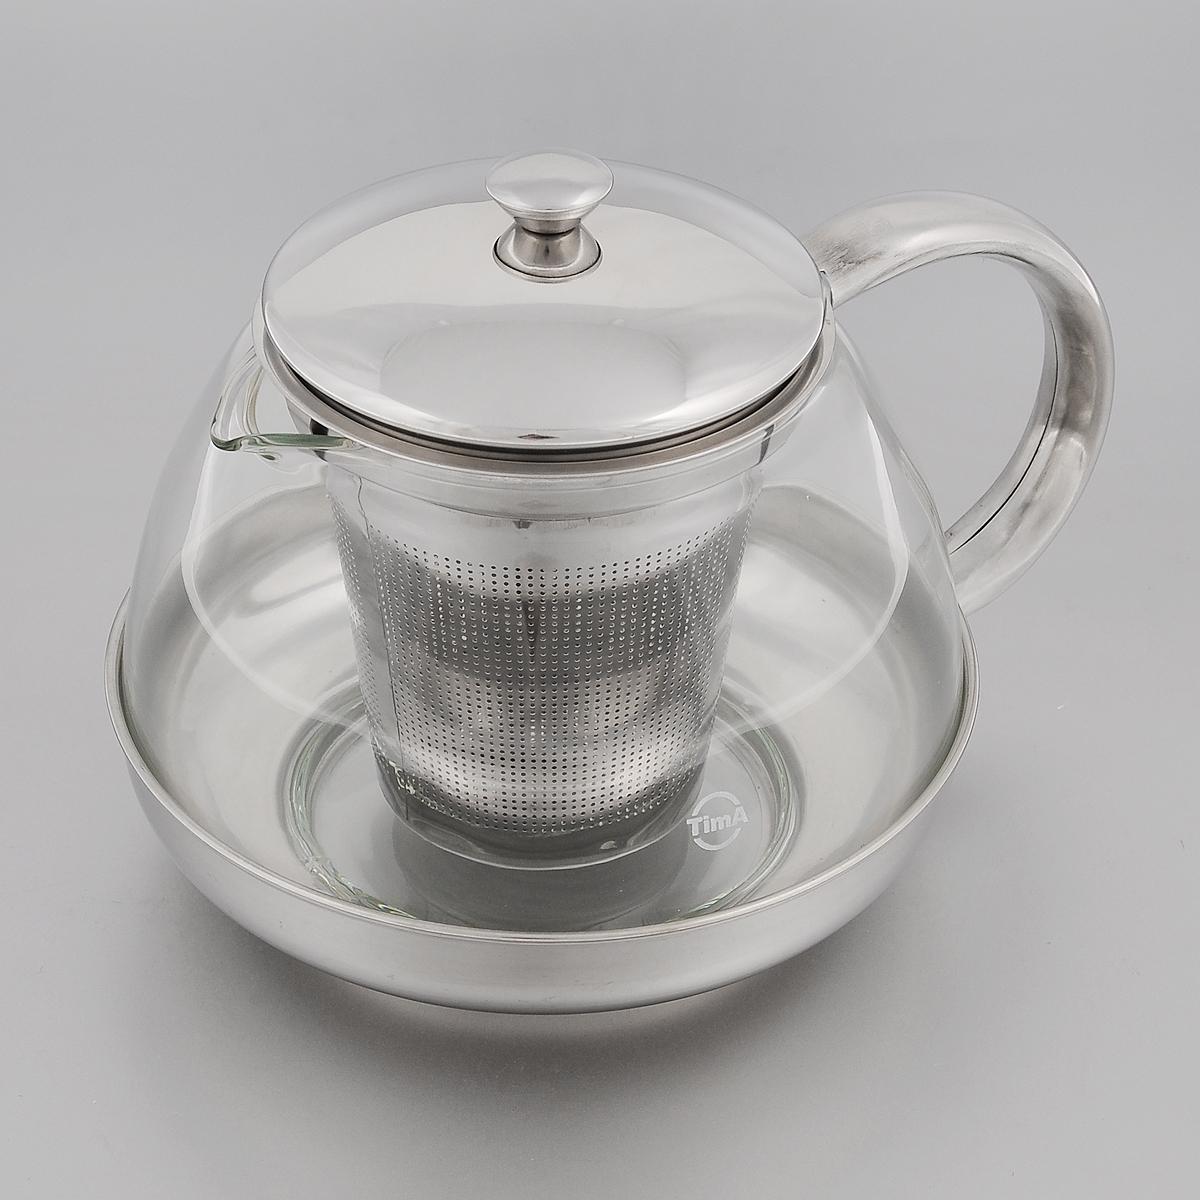 Чайник заварочный TimA Лотос, 1 лTL-100Заварочный чайник TimA Лотос изготовлен из термостойкого боросиликатного стекла - прочного износостойкого материала. Чайник оснащен фильтром, крышкой, основанием и ручкой из нержавеющей стали.Простой и удобный чайник поможет вам приготовить крепкий, ароматный чай. Дизайн изделия создает гипнотическую атмосферу через сочетание полупрозрачного цвета и хромированных элементов. Можно мыть в посудомоечной машине. Не использовать в микроволновой печи.Диаметр (по верхнему краю): 8,5 см.Высота (без учета крышки): 9,5 см.Высота фильтра: 8,7 см.